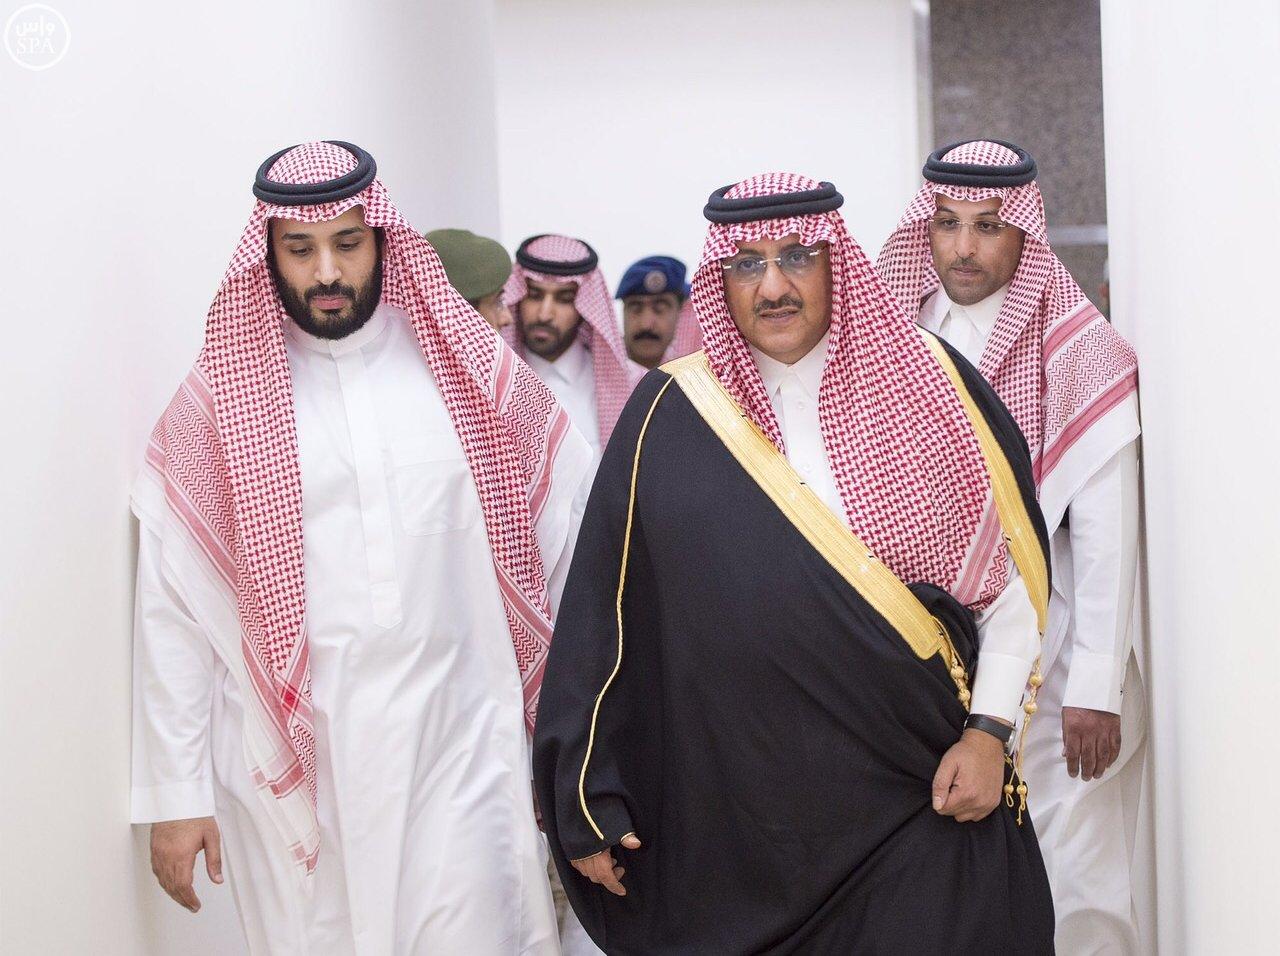 تزامنا مع انطلاق مهرجان ولي العهد للهجن بالطائف فعاليات عالمية في قرية الهجن بحديقة الملك فيصل الوطن الآن صحيفة سعودية